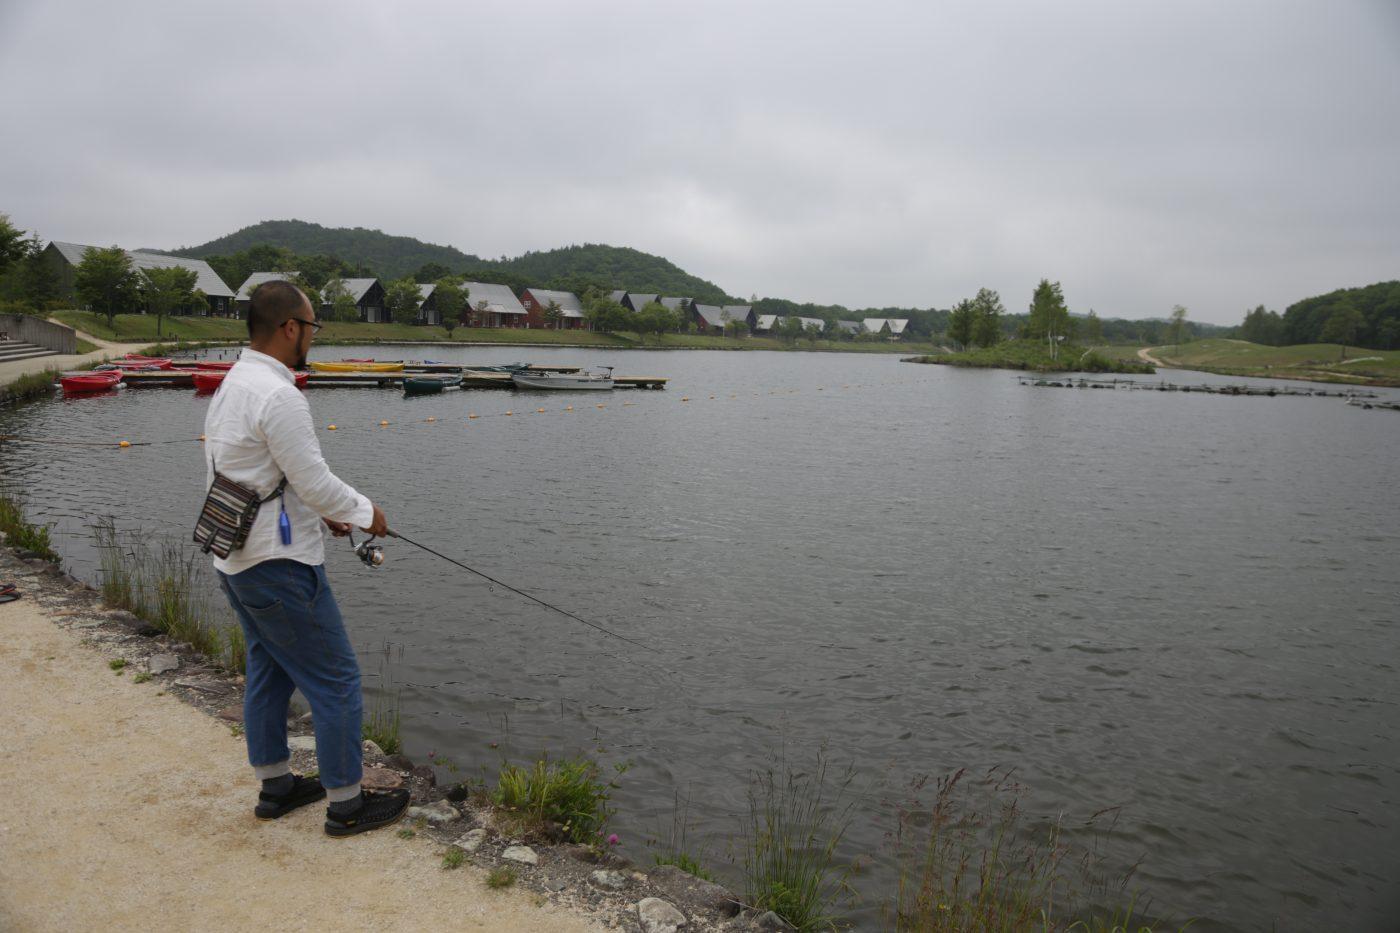 釣りを楽しめるキャンプ場に行く